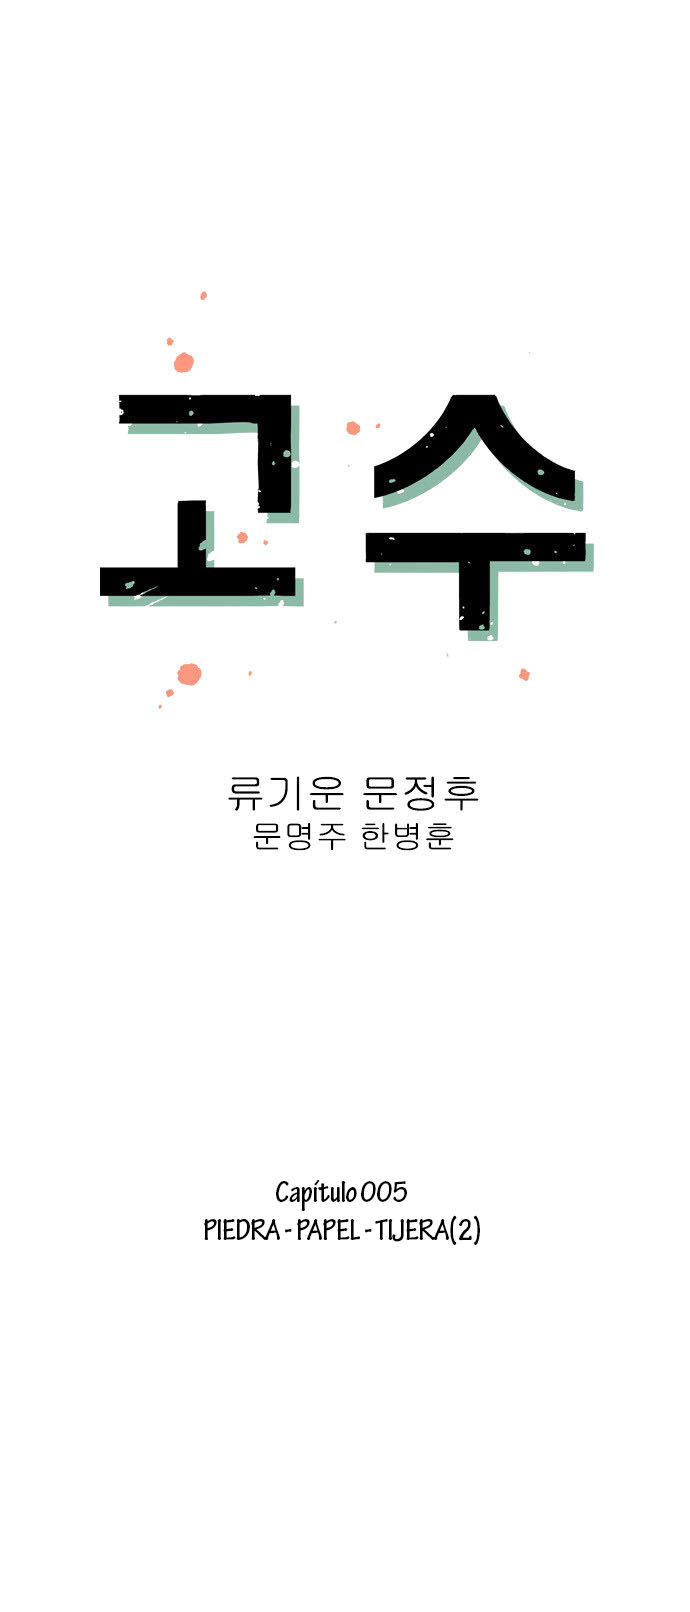 https://c5.ninemanga.com/es_manga/9/18249/433037/0128a9101170b3ae4ba30a596673fa76.jpg Page 1